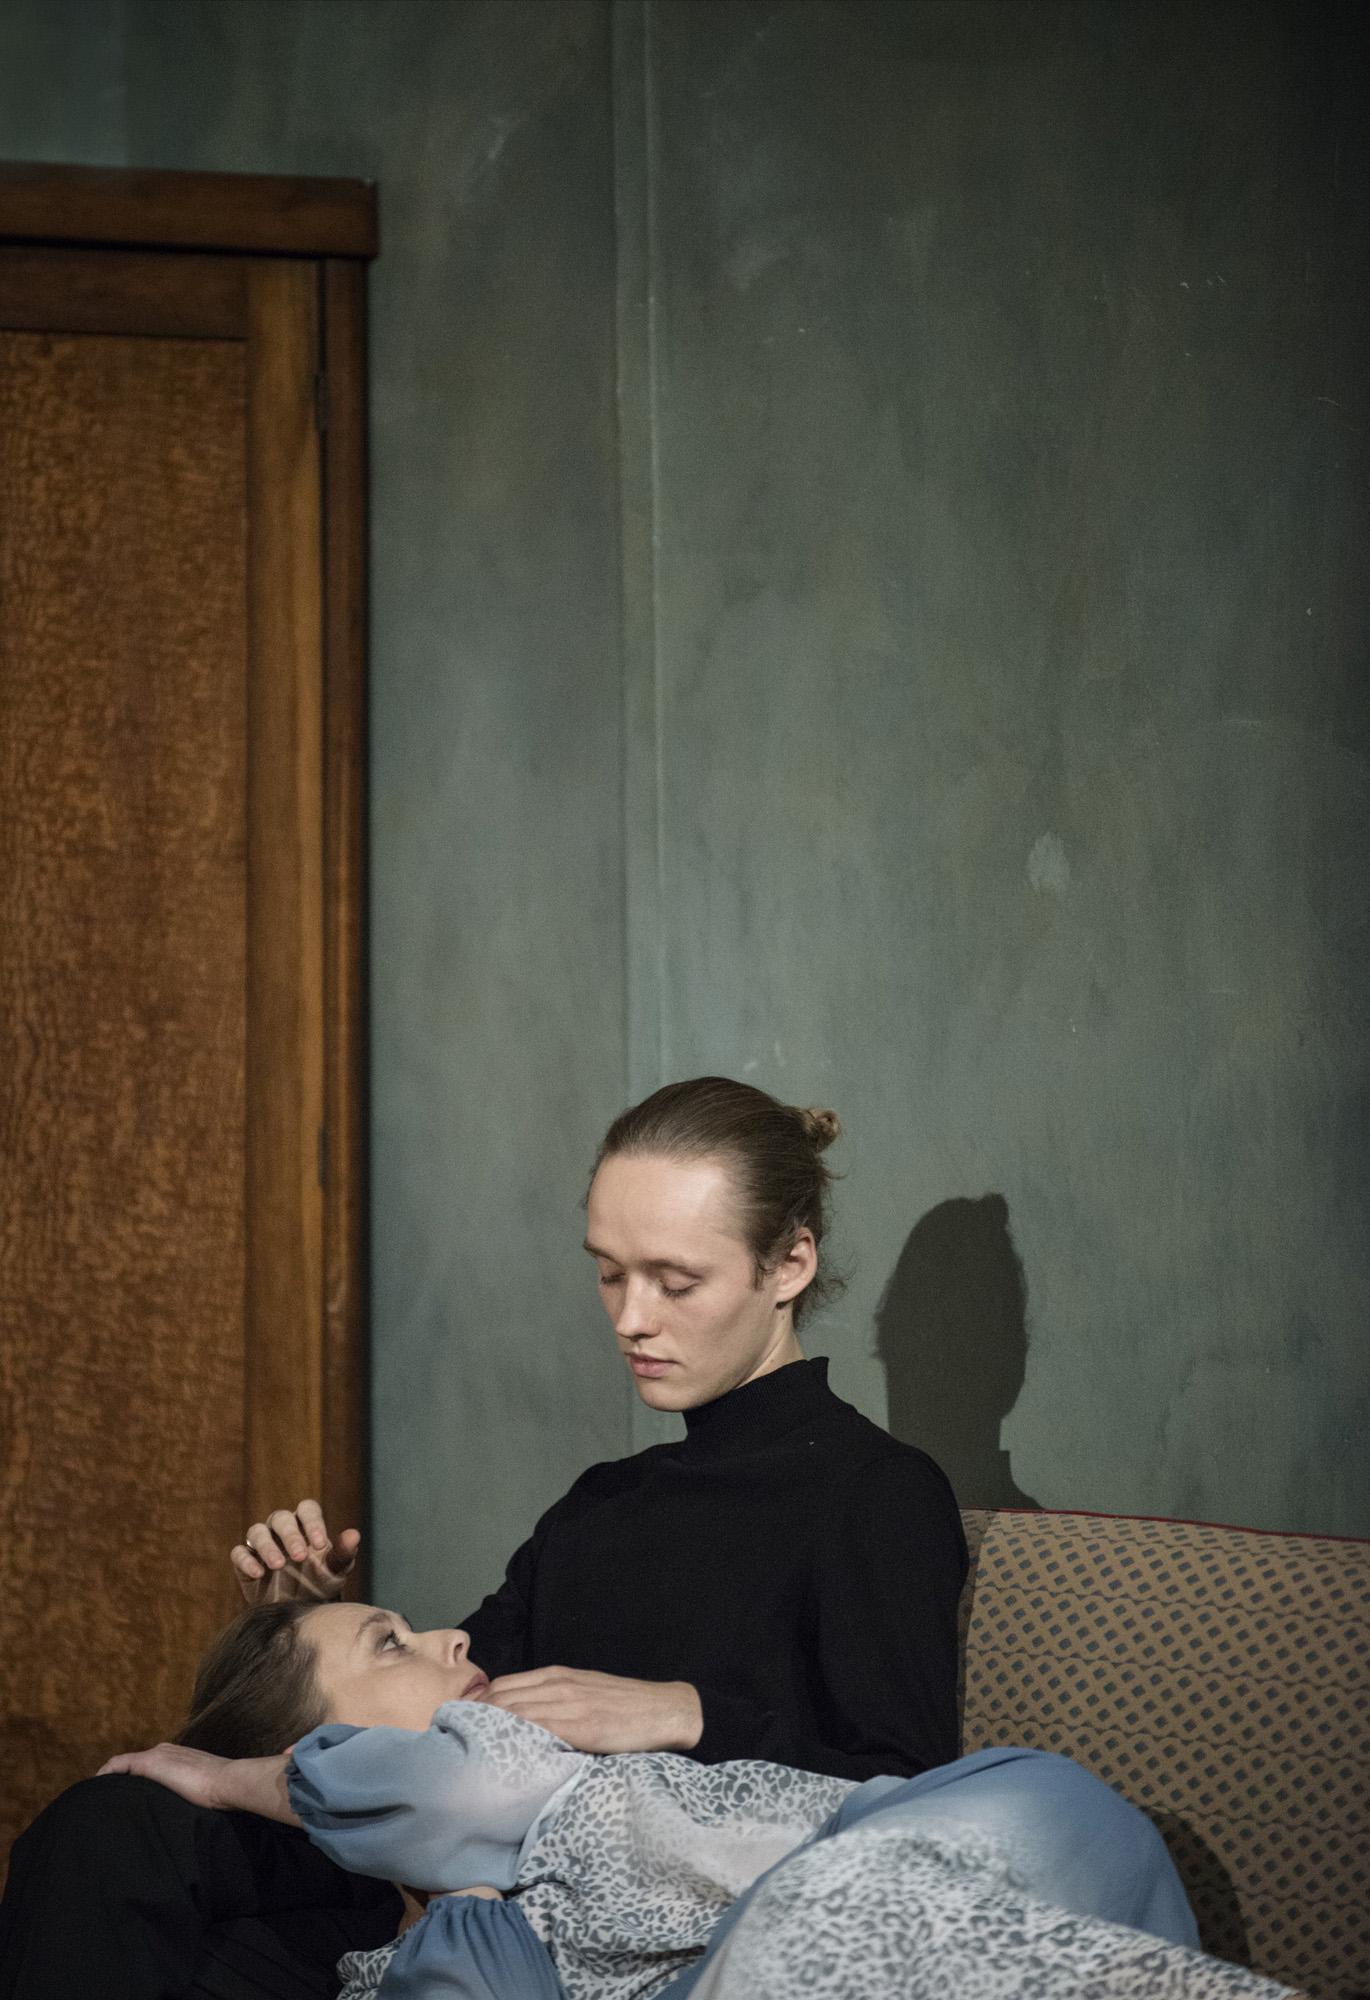 Fot. Magda Hueckel